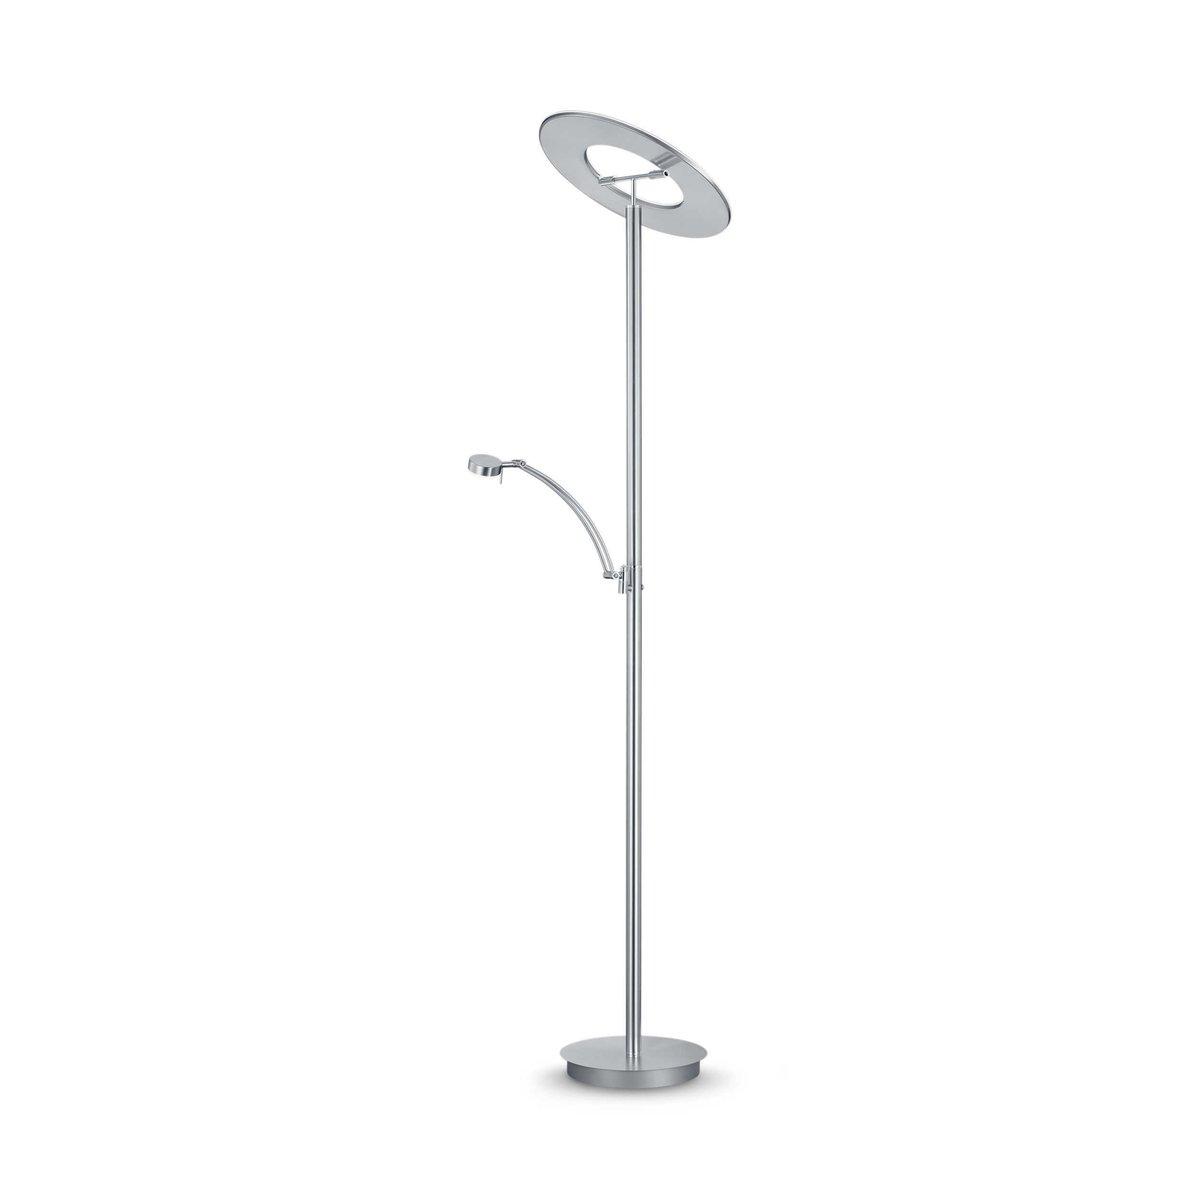 Bild 2 von B-LEUCHTEN LED-Stehlampe   Monza